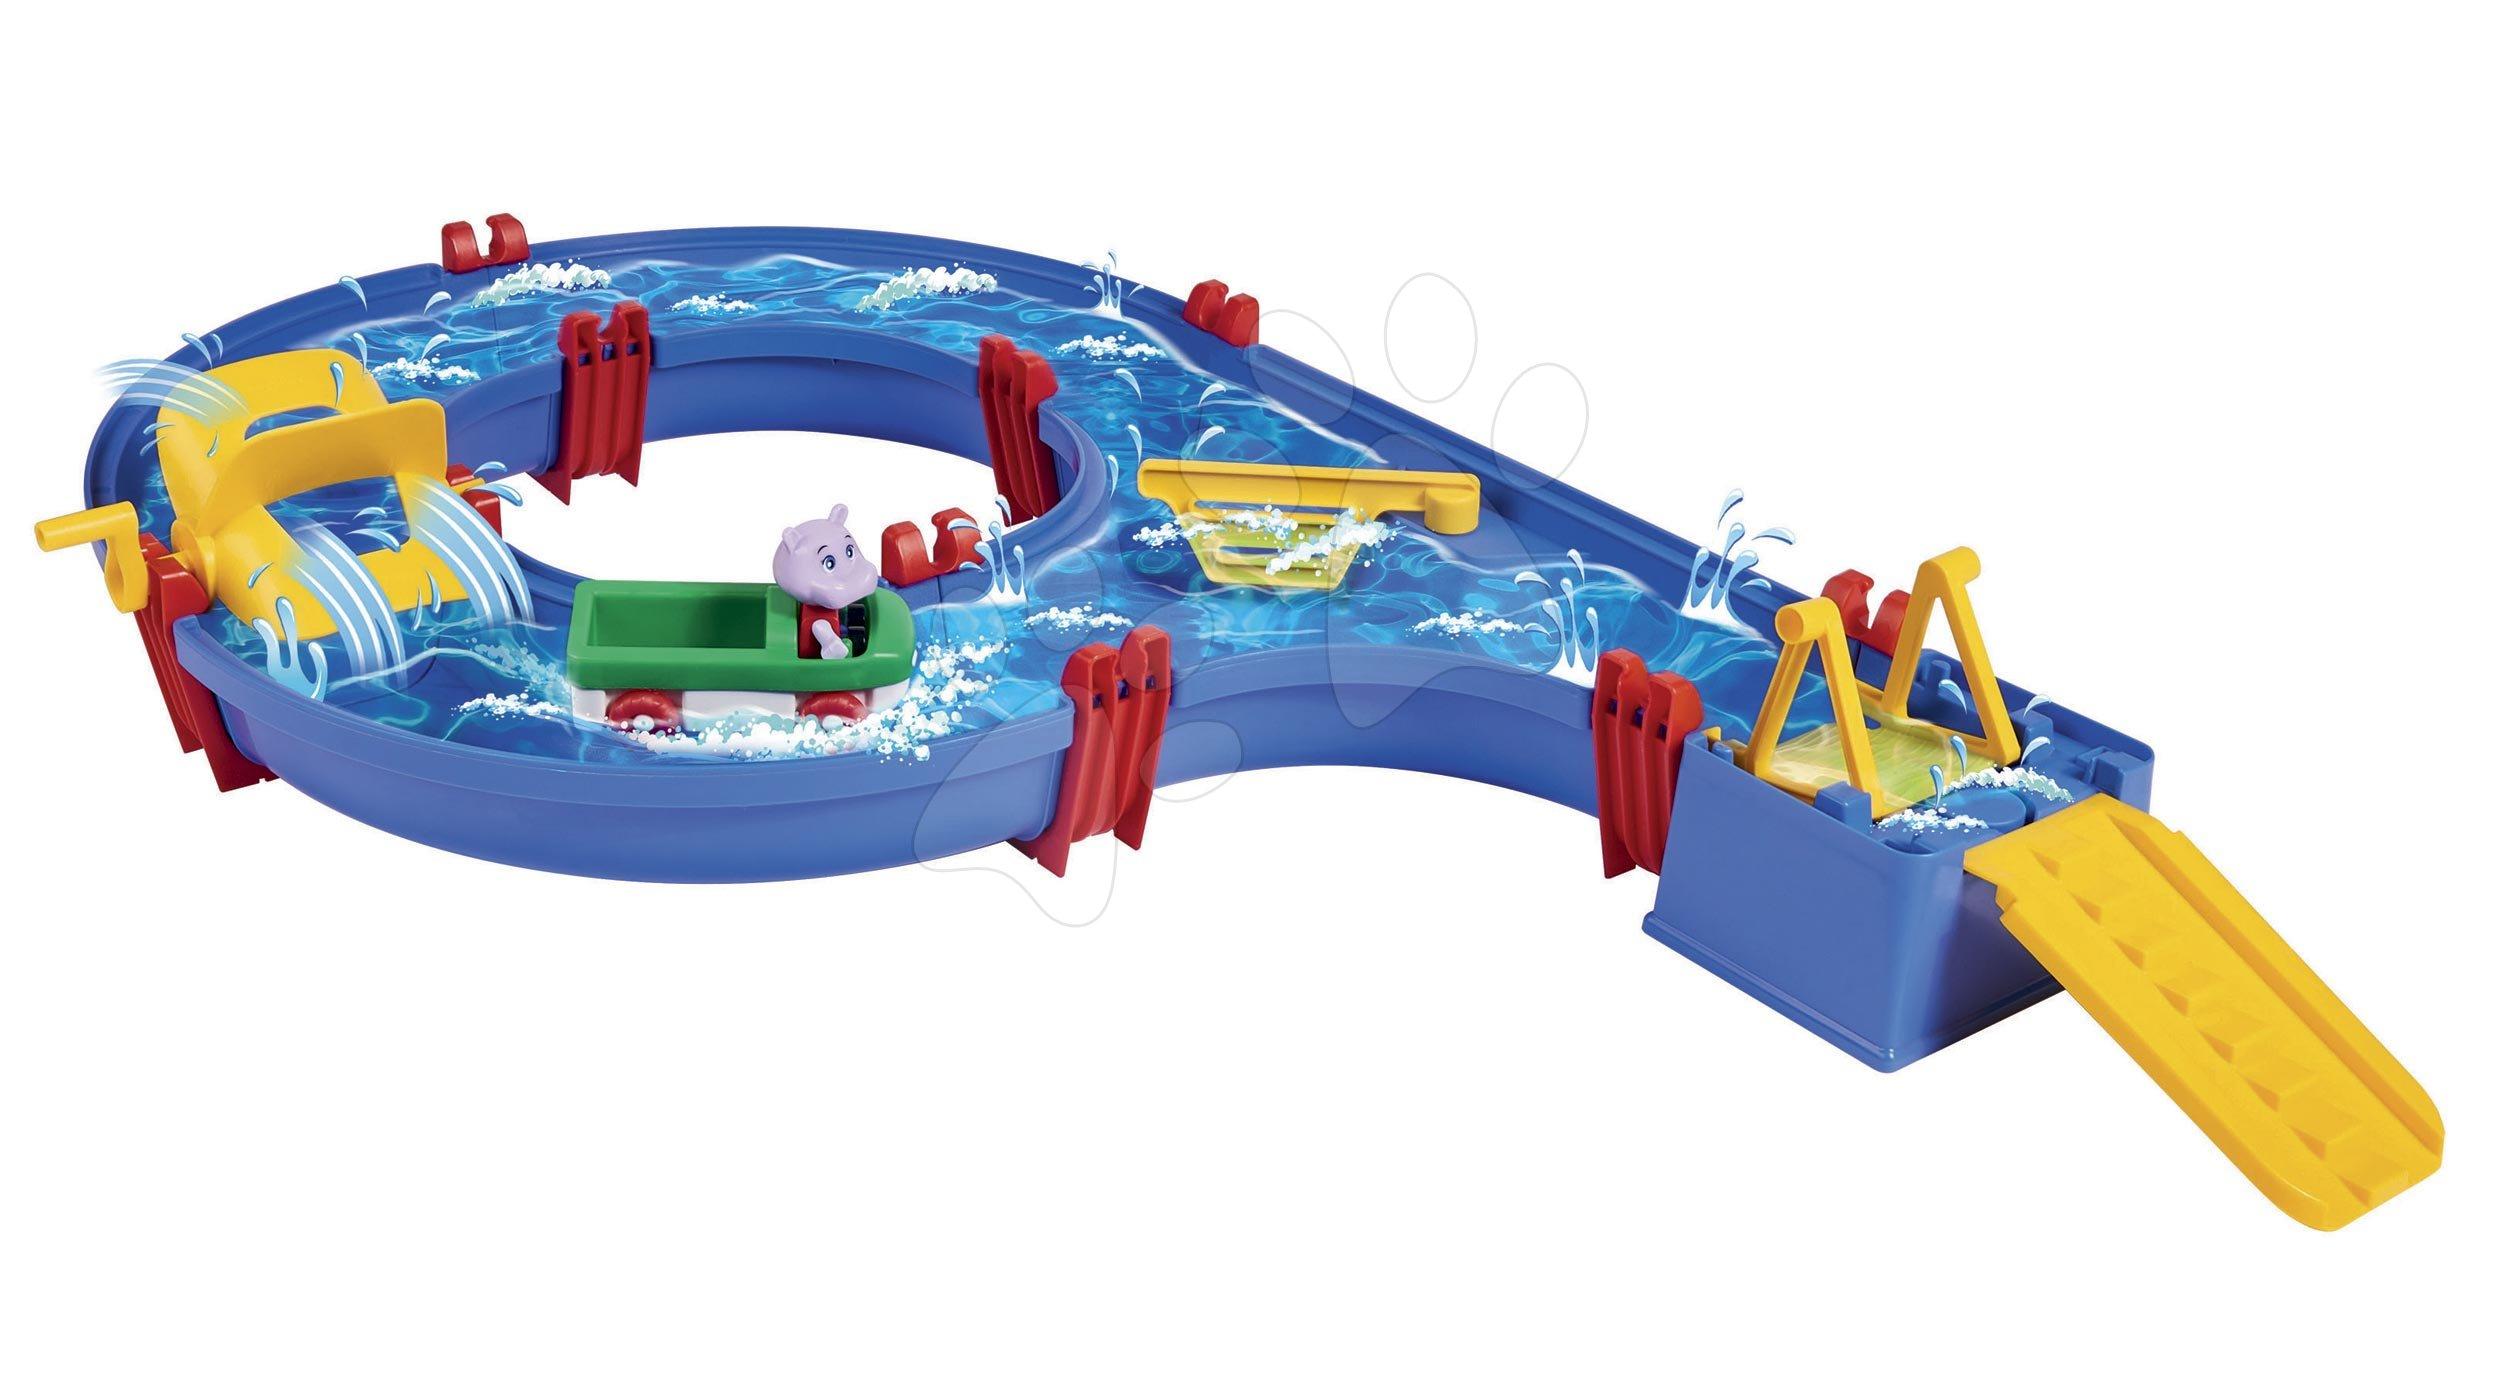 Vízi pálya AquaPlay Amphieset vízi turbinával és Wilma vízilóval a kétéltűn